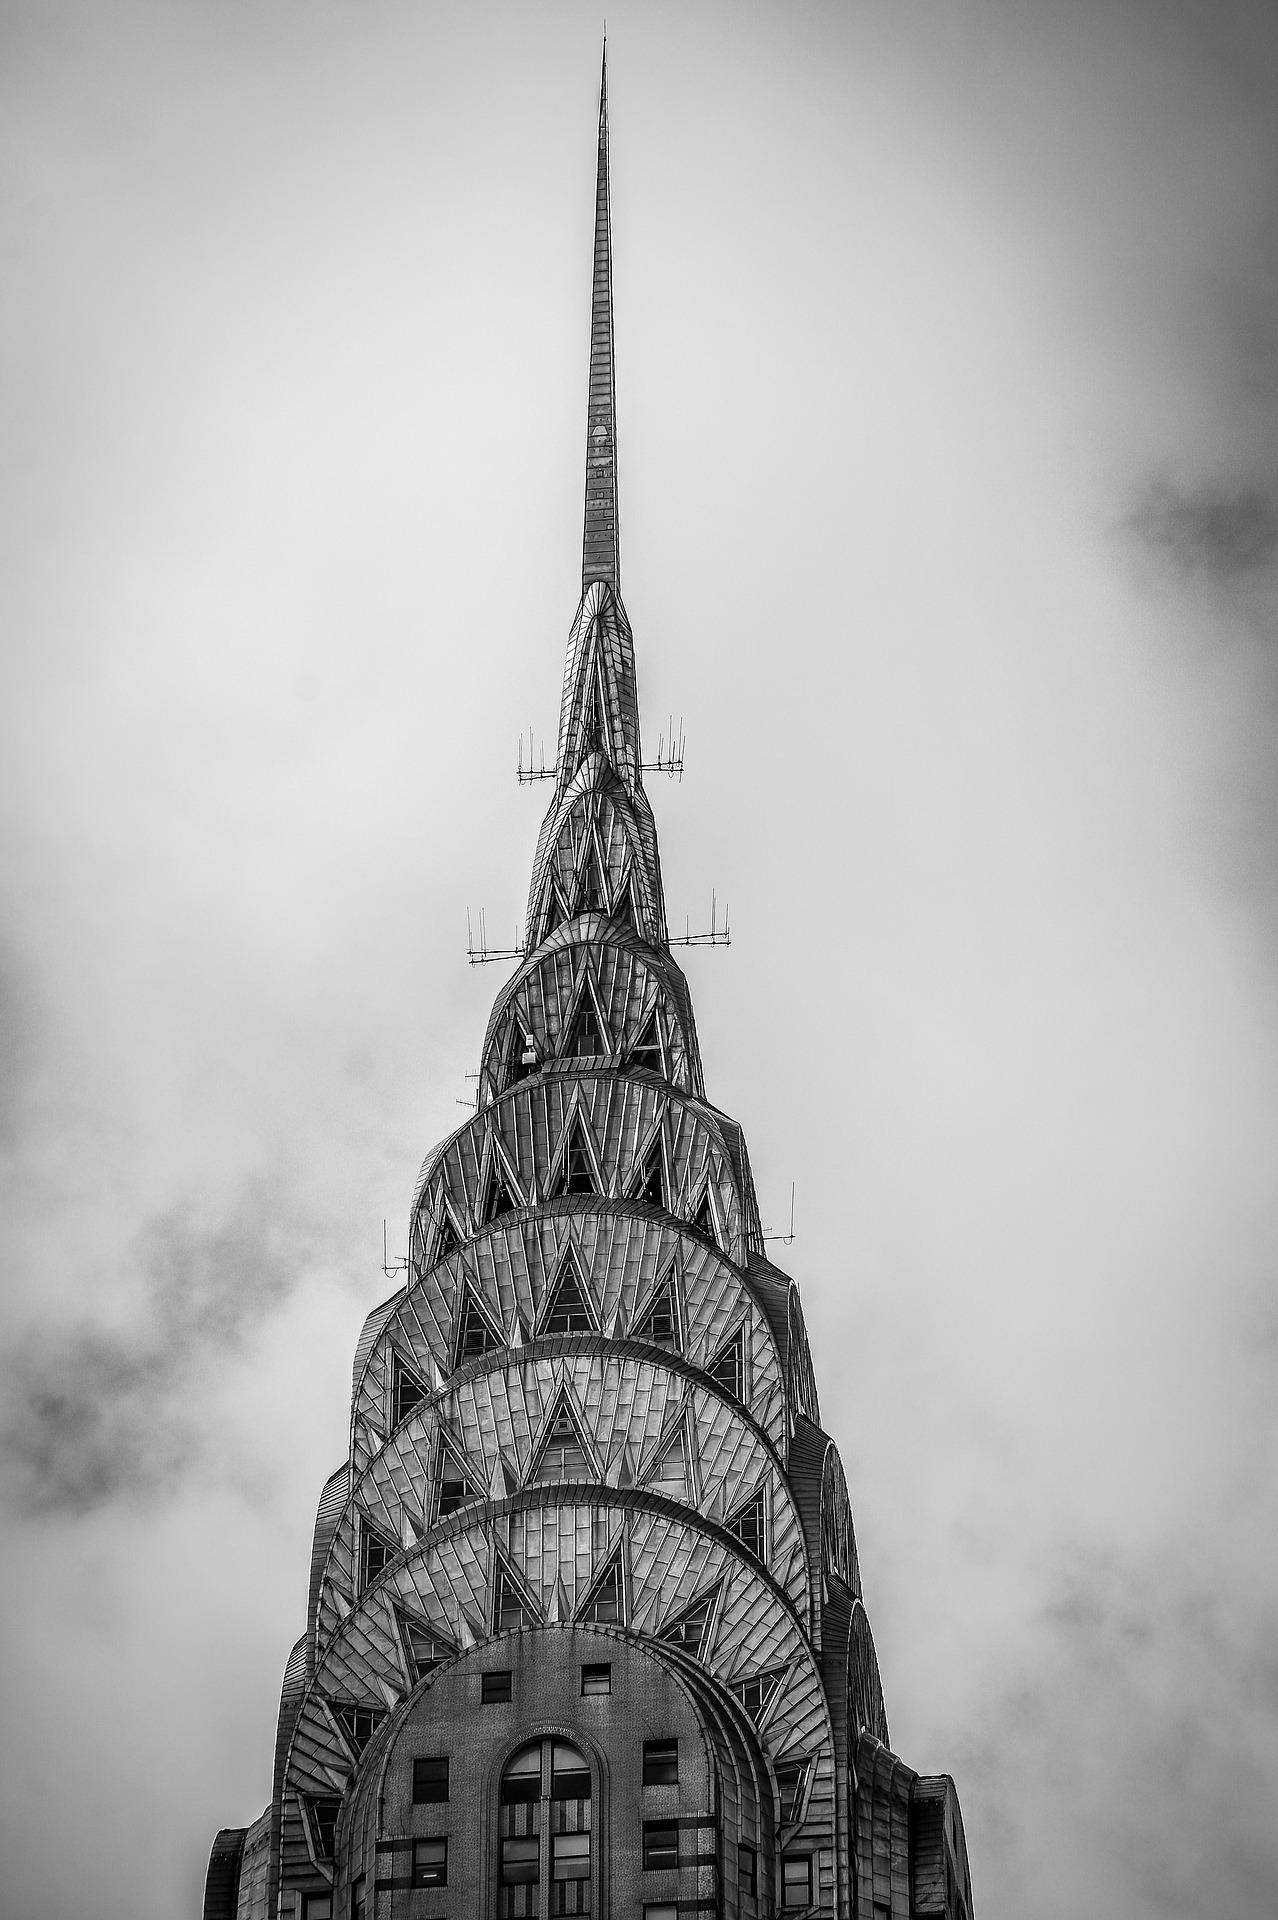 New York's Chrysler Building